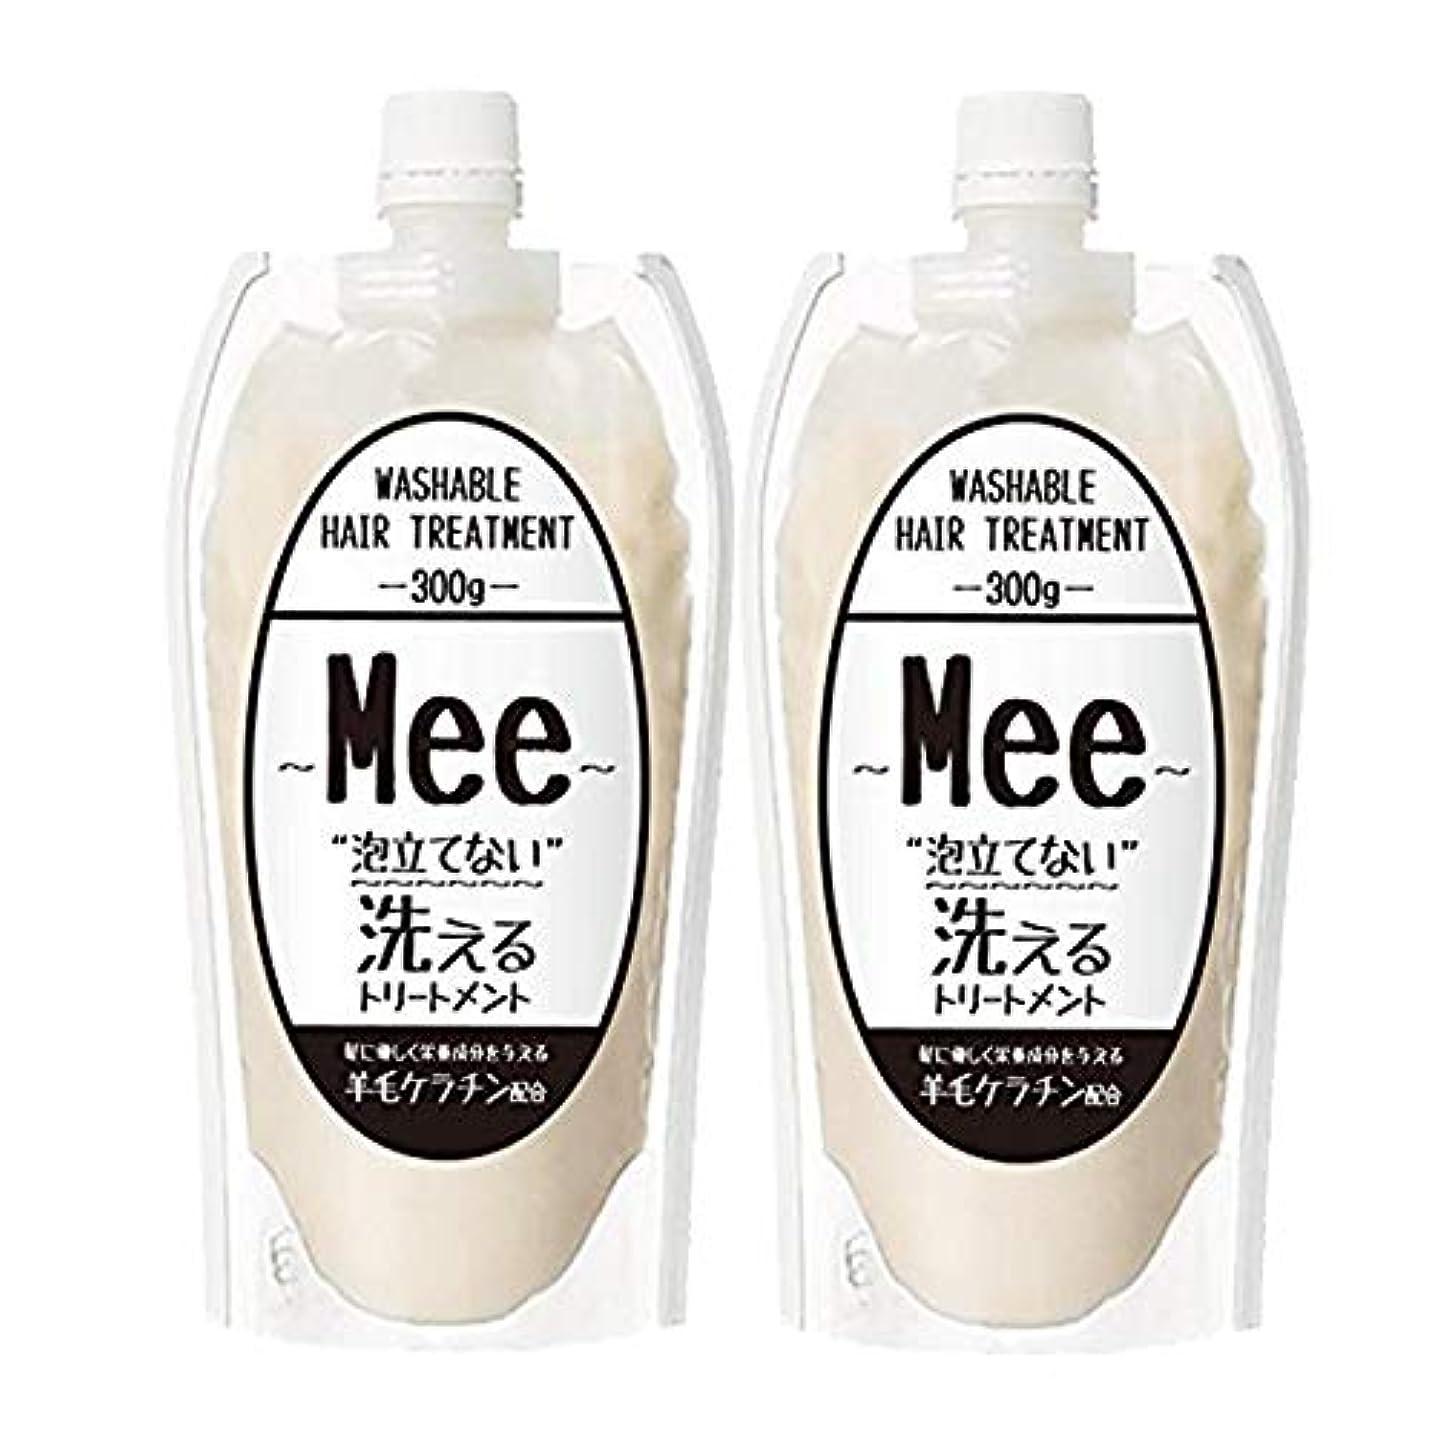 アマチュアセイはさておき反対したまとめ買い【2個組】 洗えるトリートメントMEE Mee 300g×2個SET クリームシャンプー 皮脂 乾燥肌 ダメージケア 大容量 時短